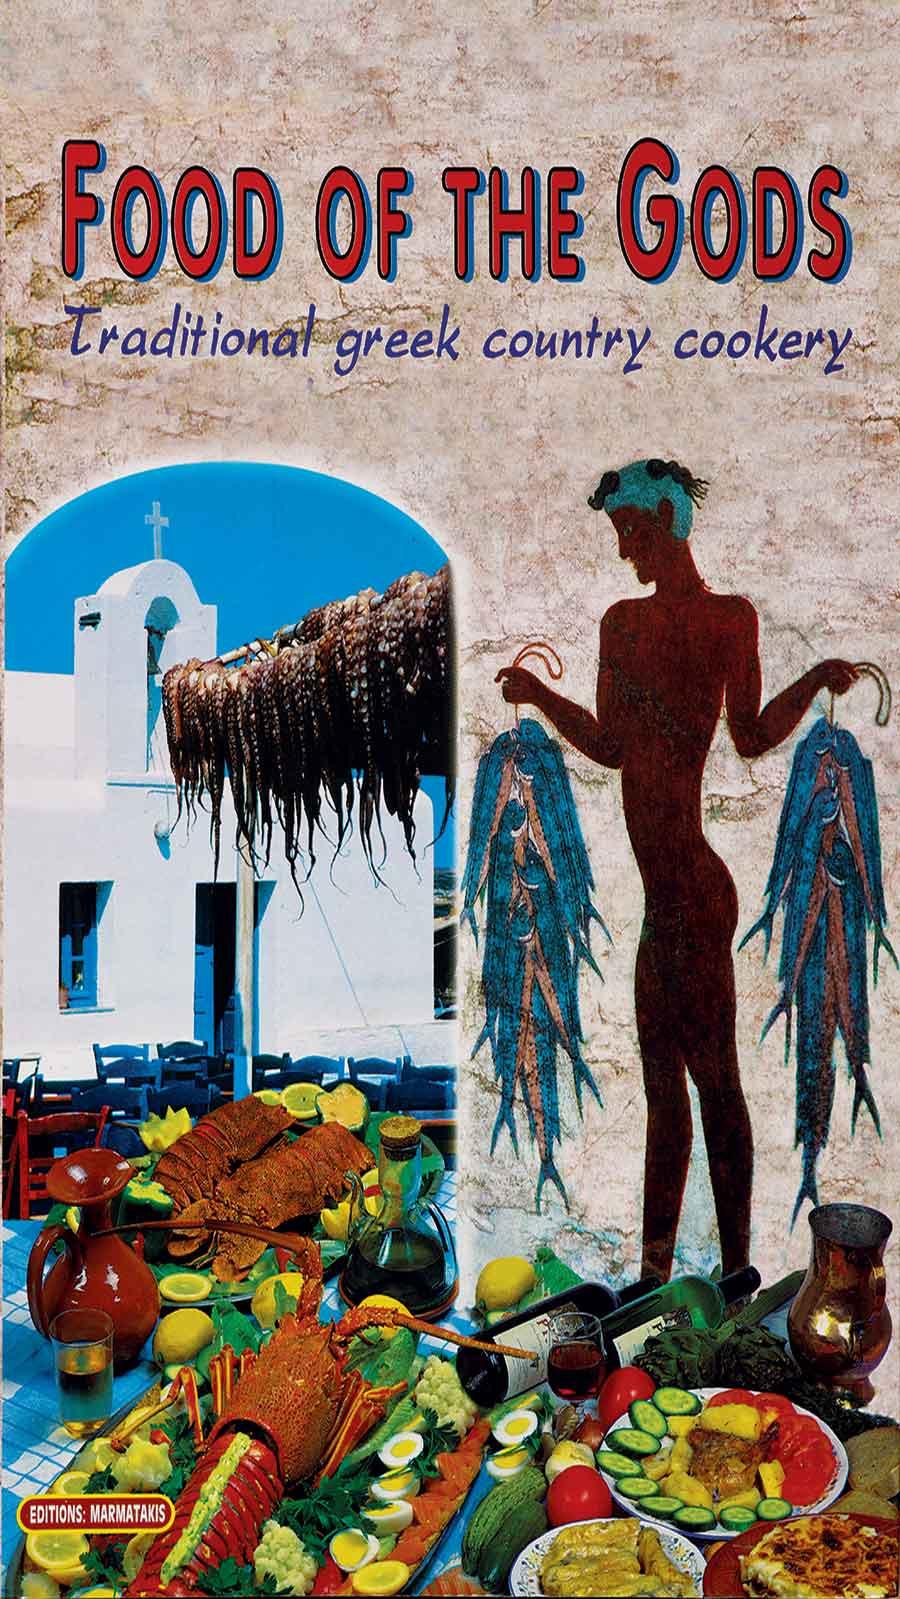 Ταξίδι στην Ελληνική Κουζίνα των αρχαίων